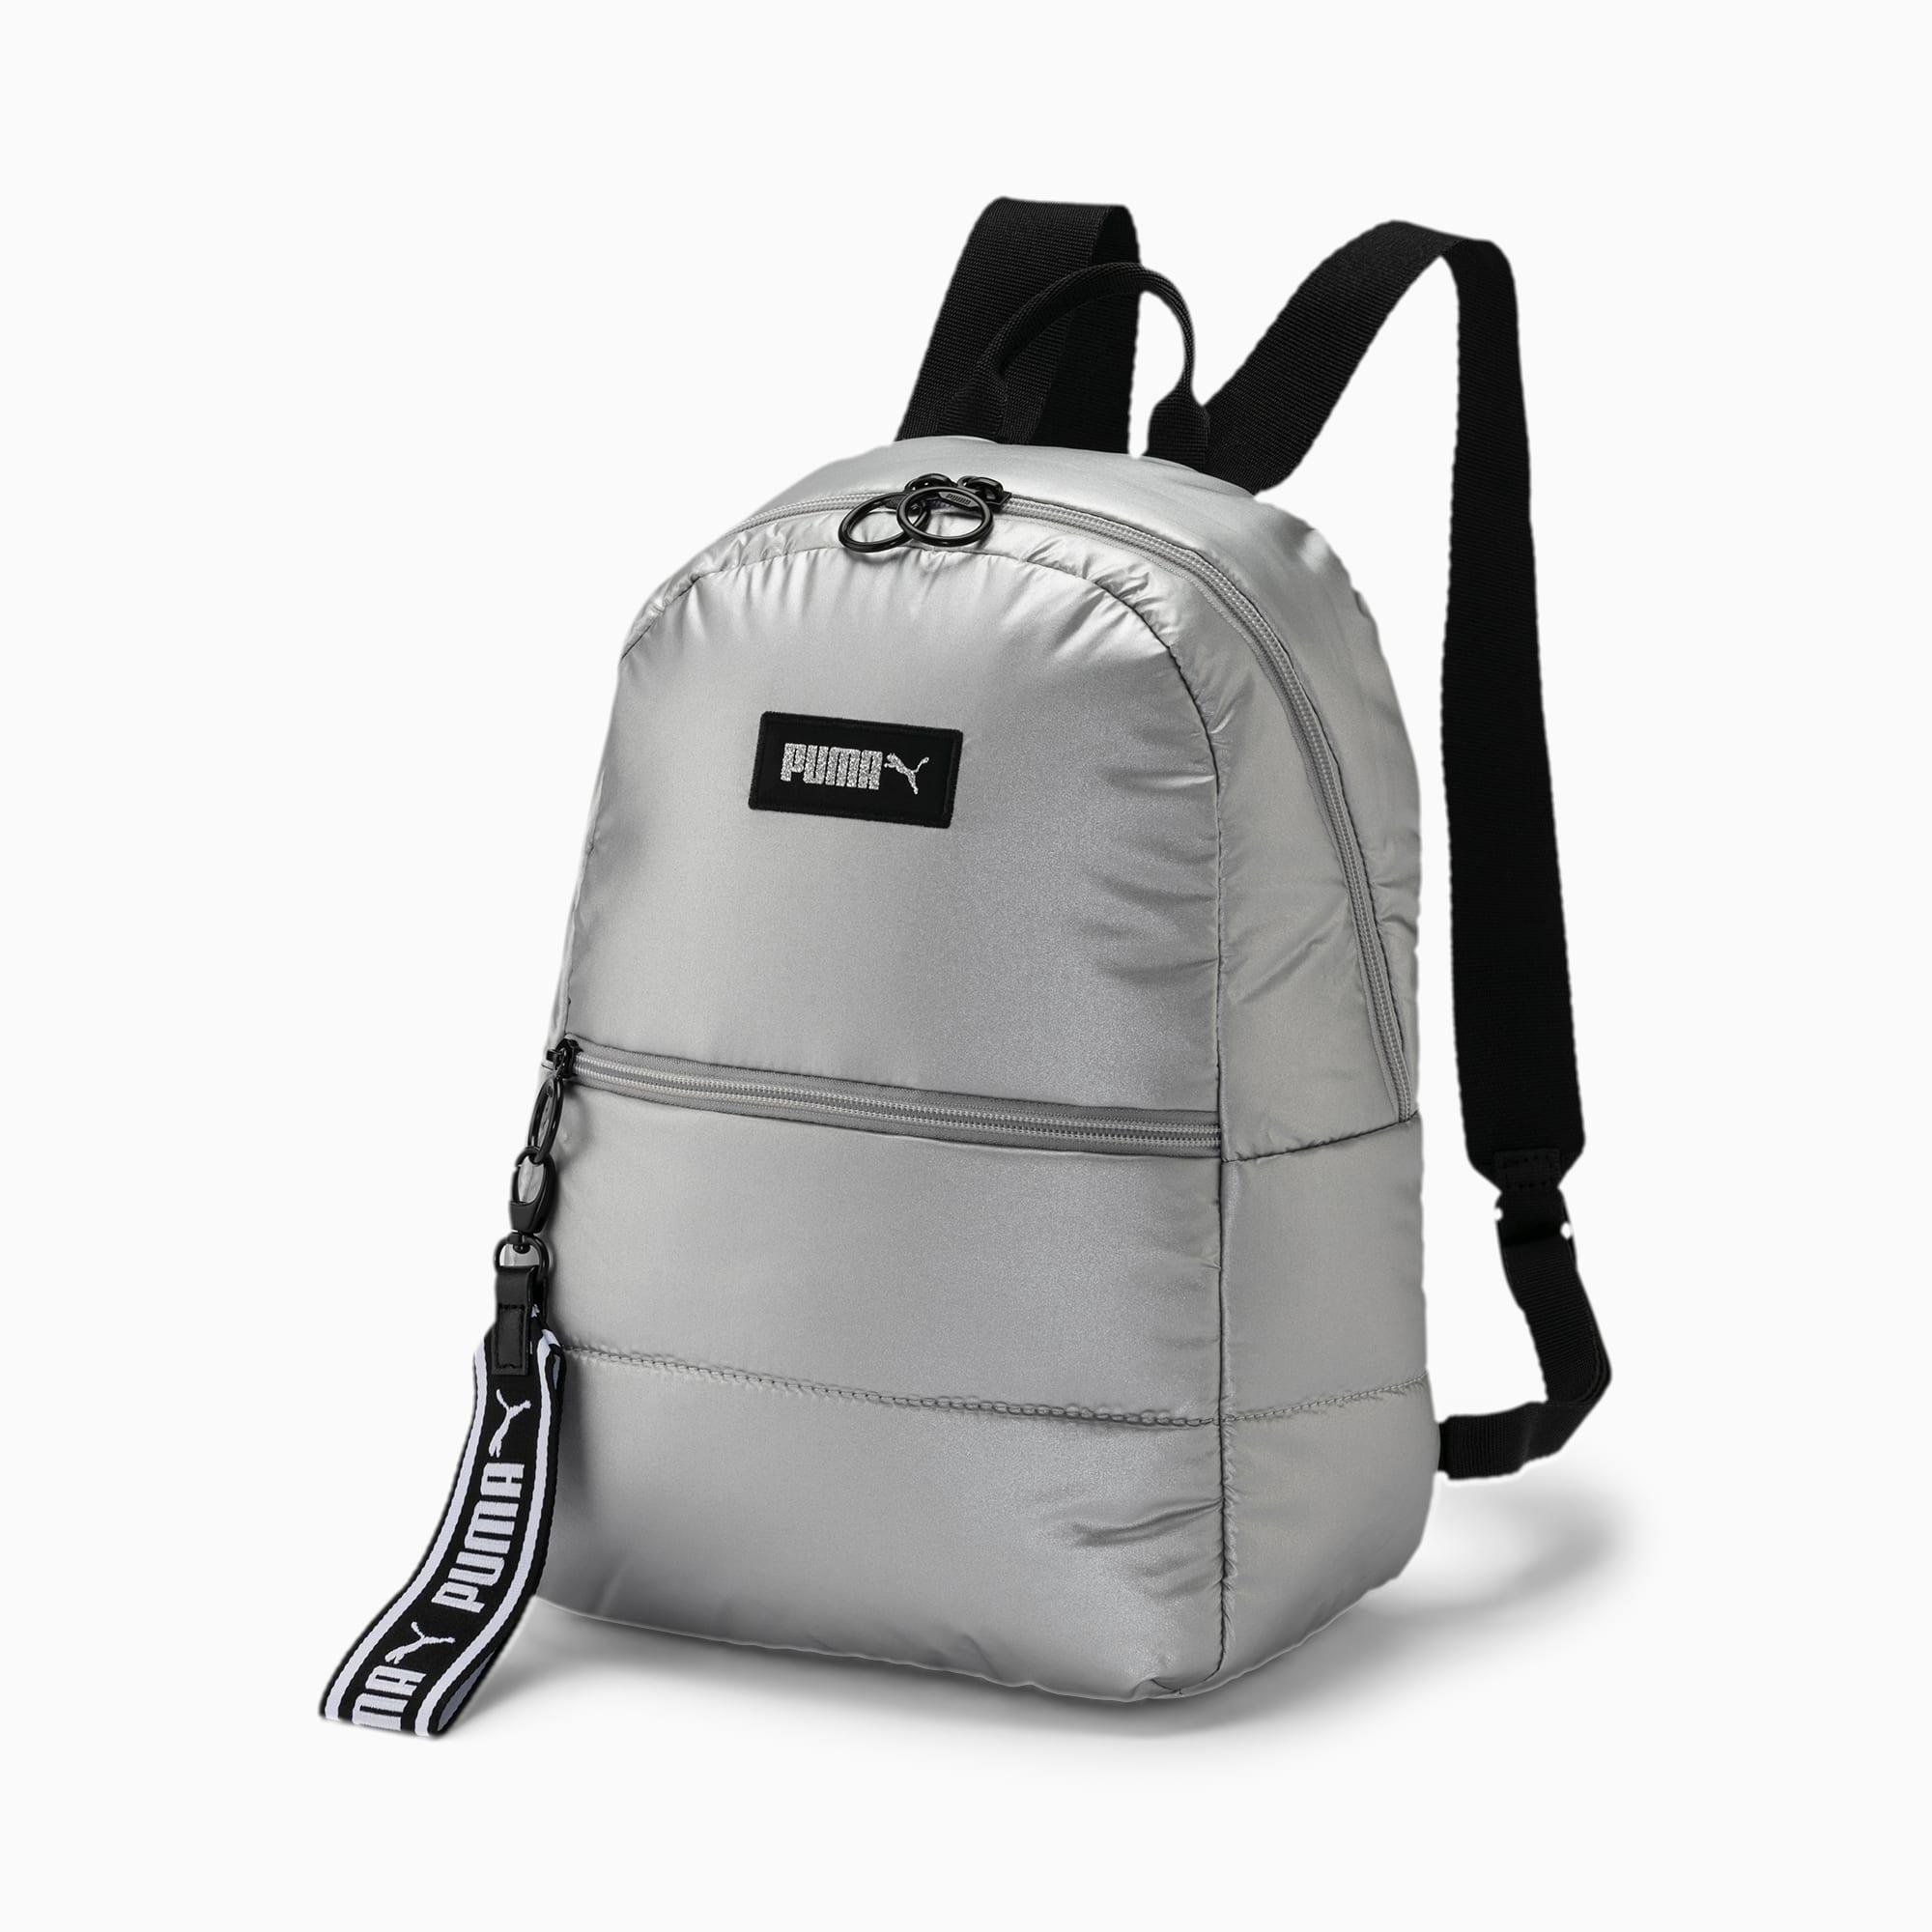 sac à dos puffa sports pour femme, argent, accessoires